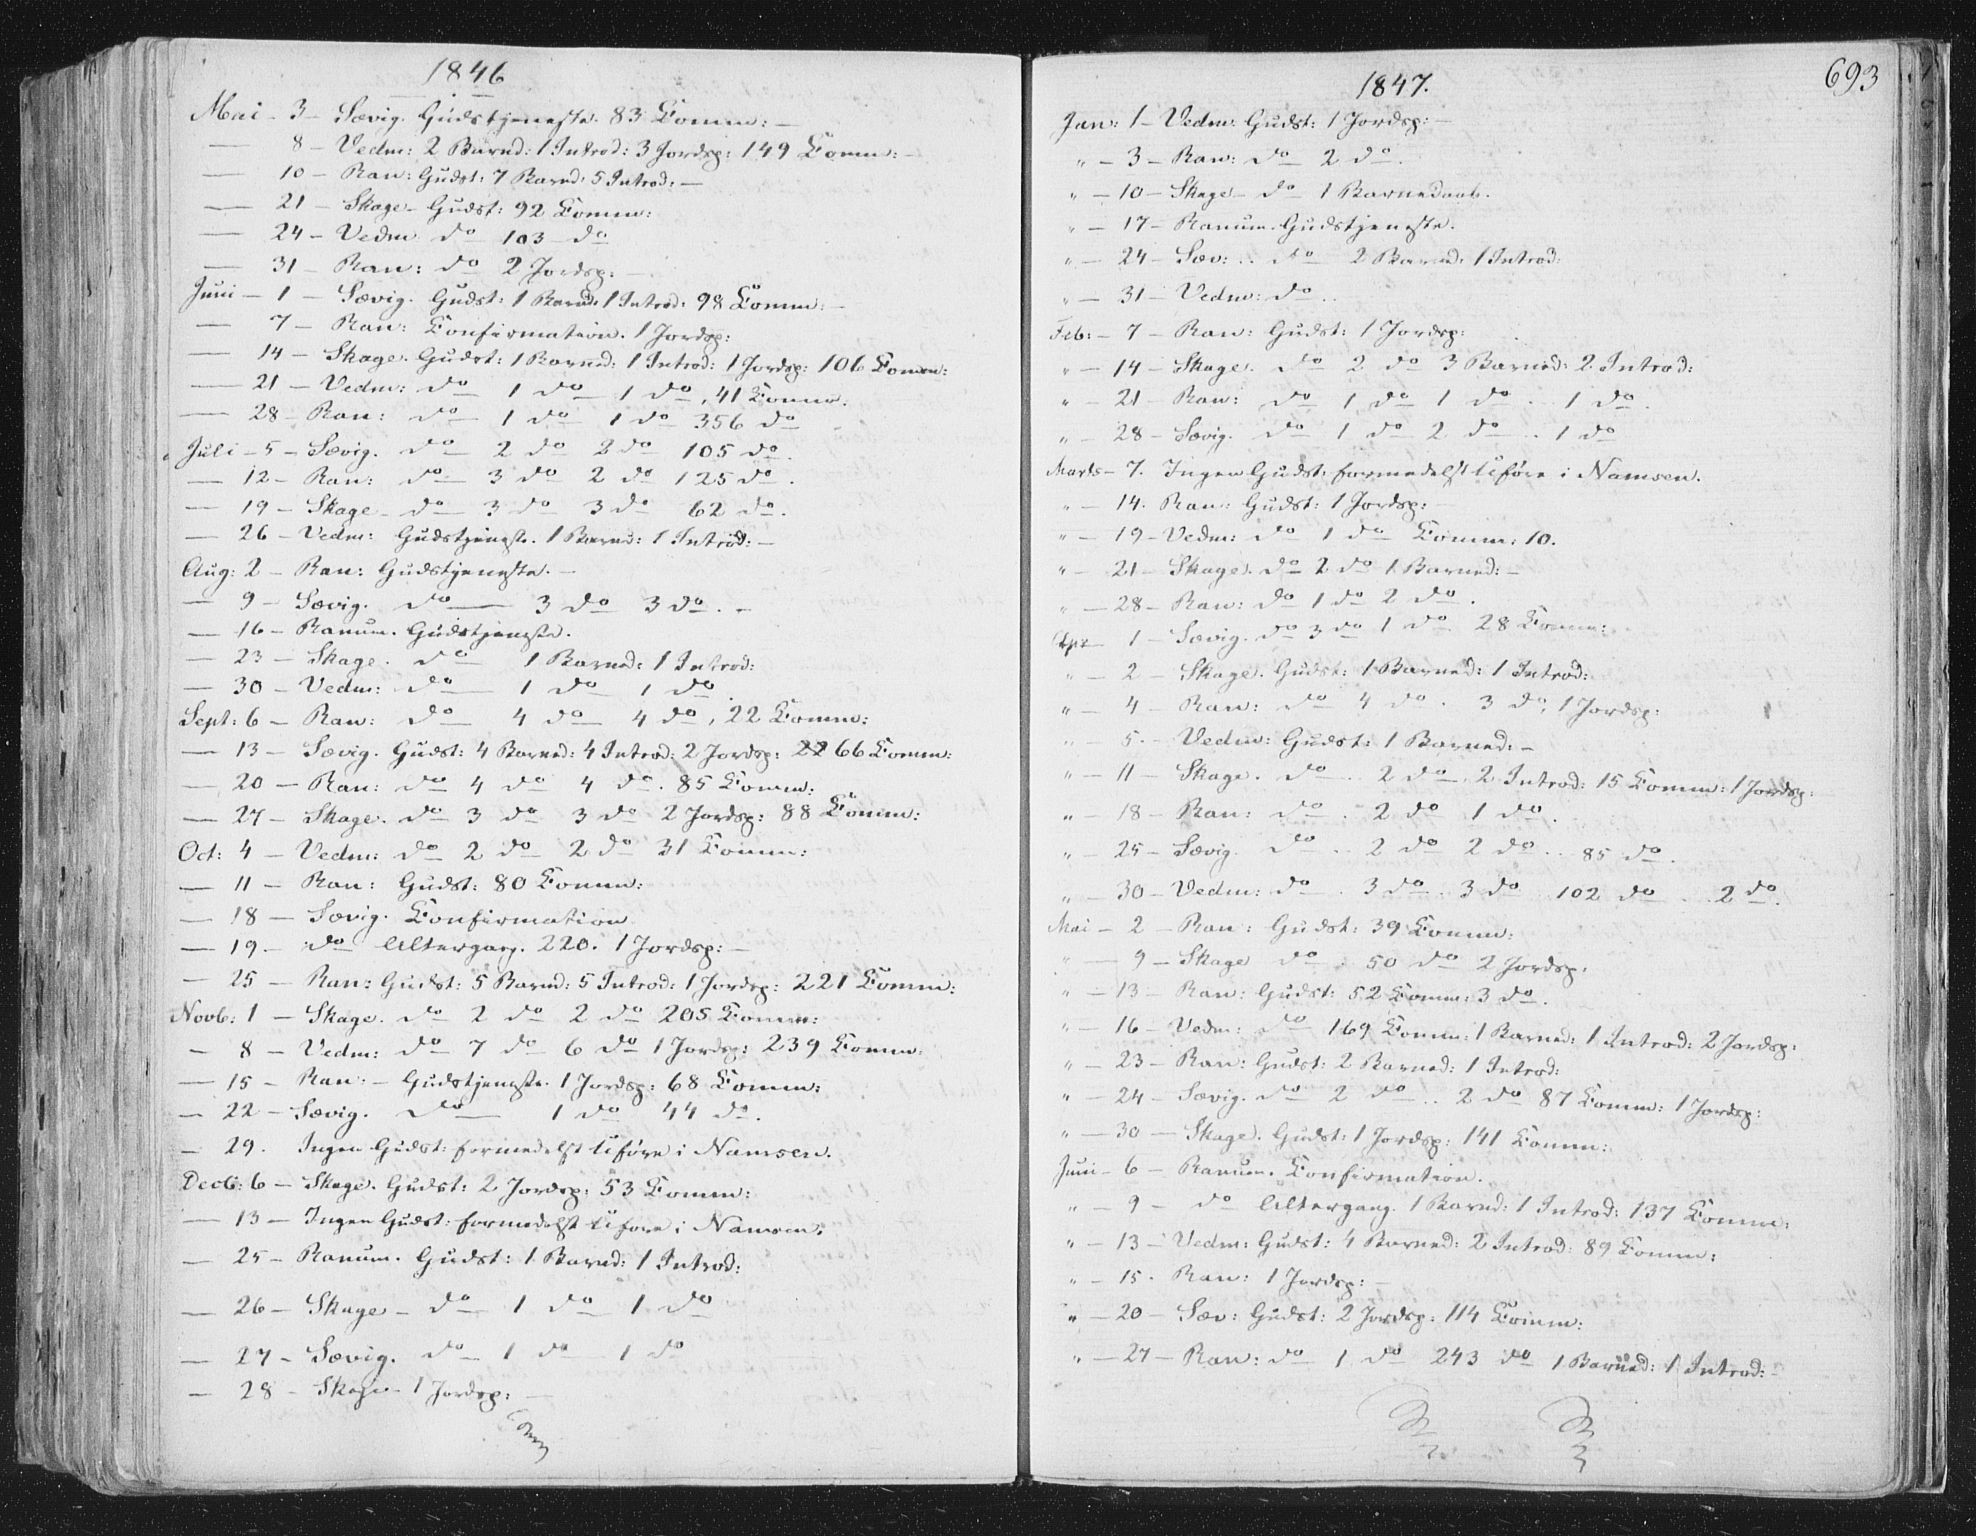 SAT, Ministerialprotokoller, klokkerbøker og fødselsregistre - Nord-Trøndelag, 764/L0552: Ministerialbok nr. 764A07b, 1824-1865, s. 693